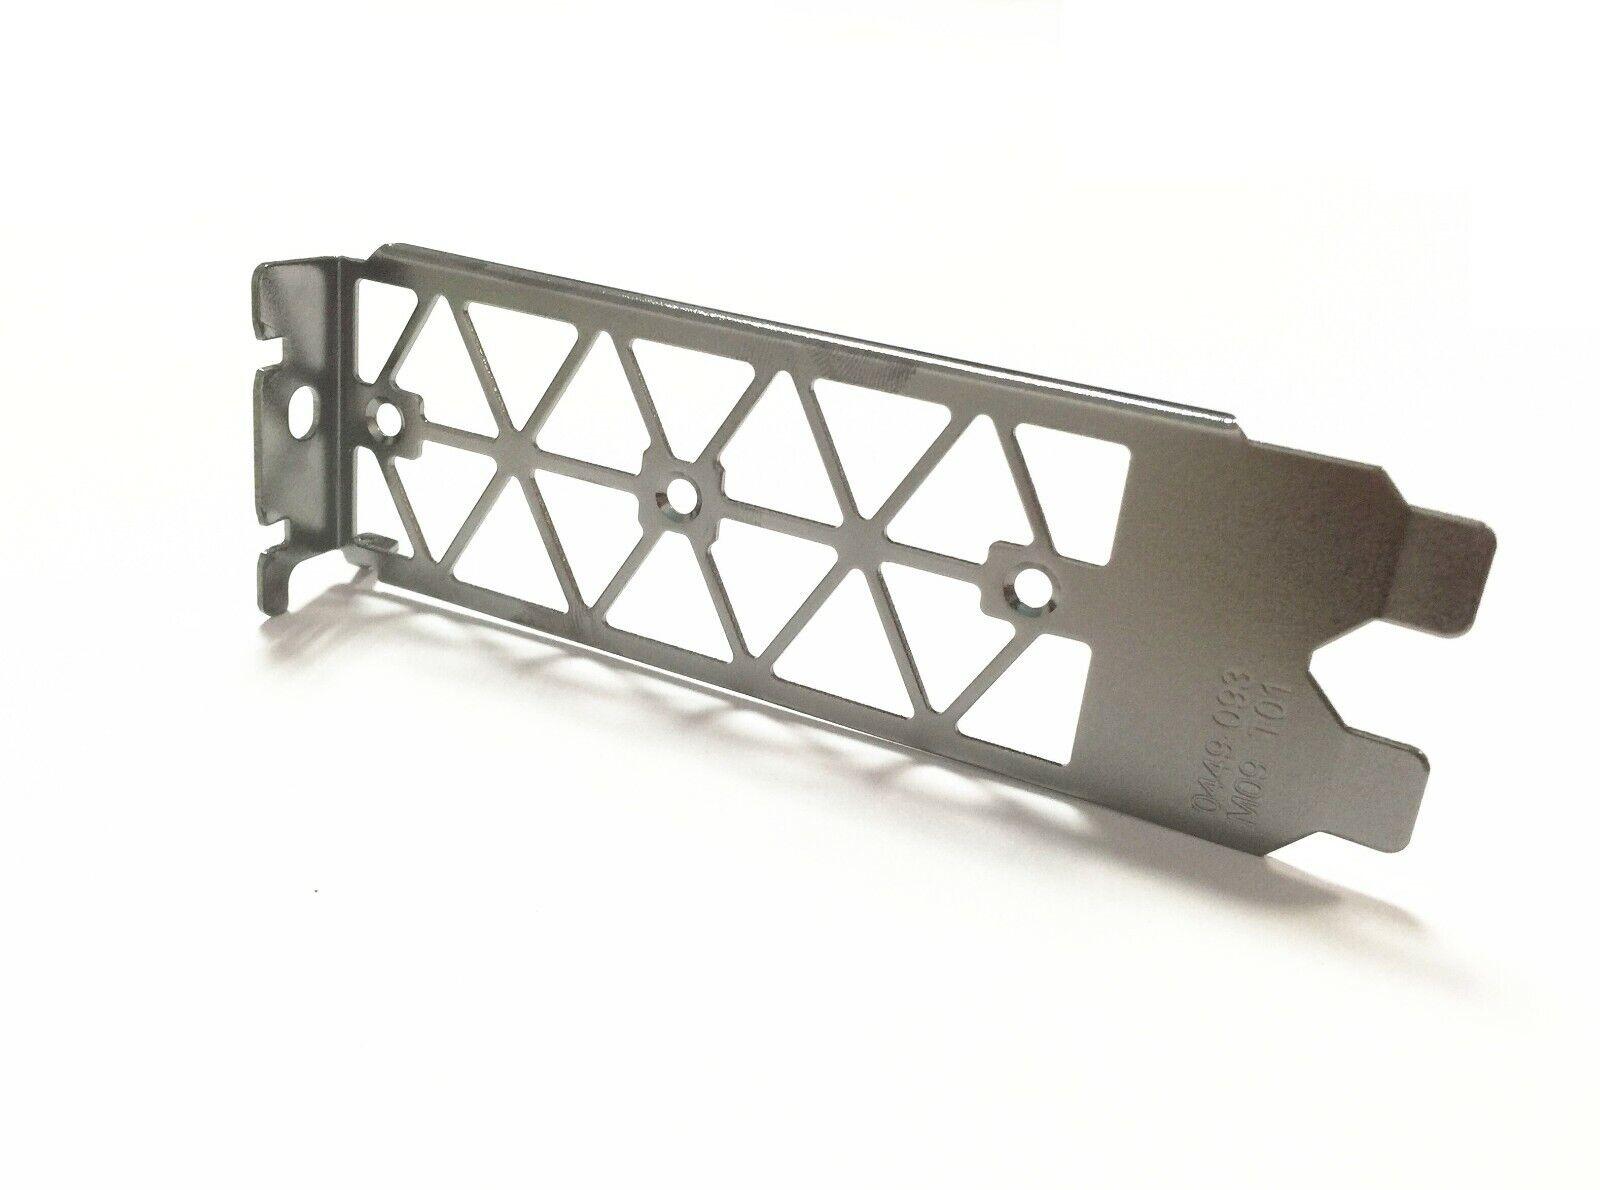 NEW Full Height Bracket for nVidia Tesla GPU P40 M60 820178-001 PK3RJ P100 V100